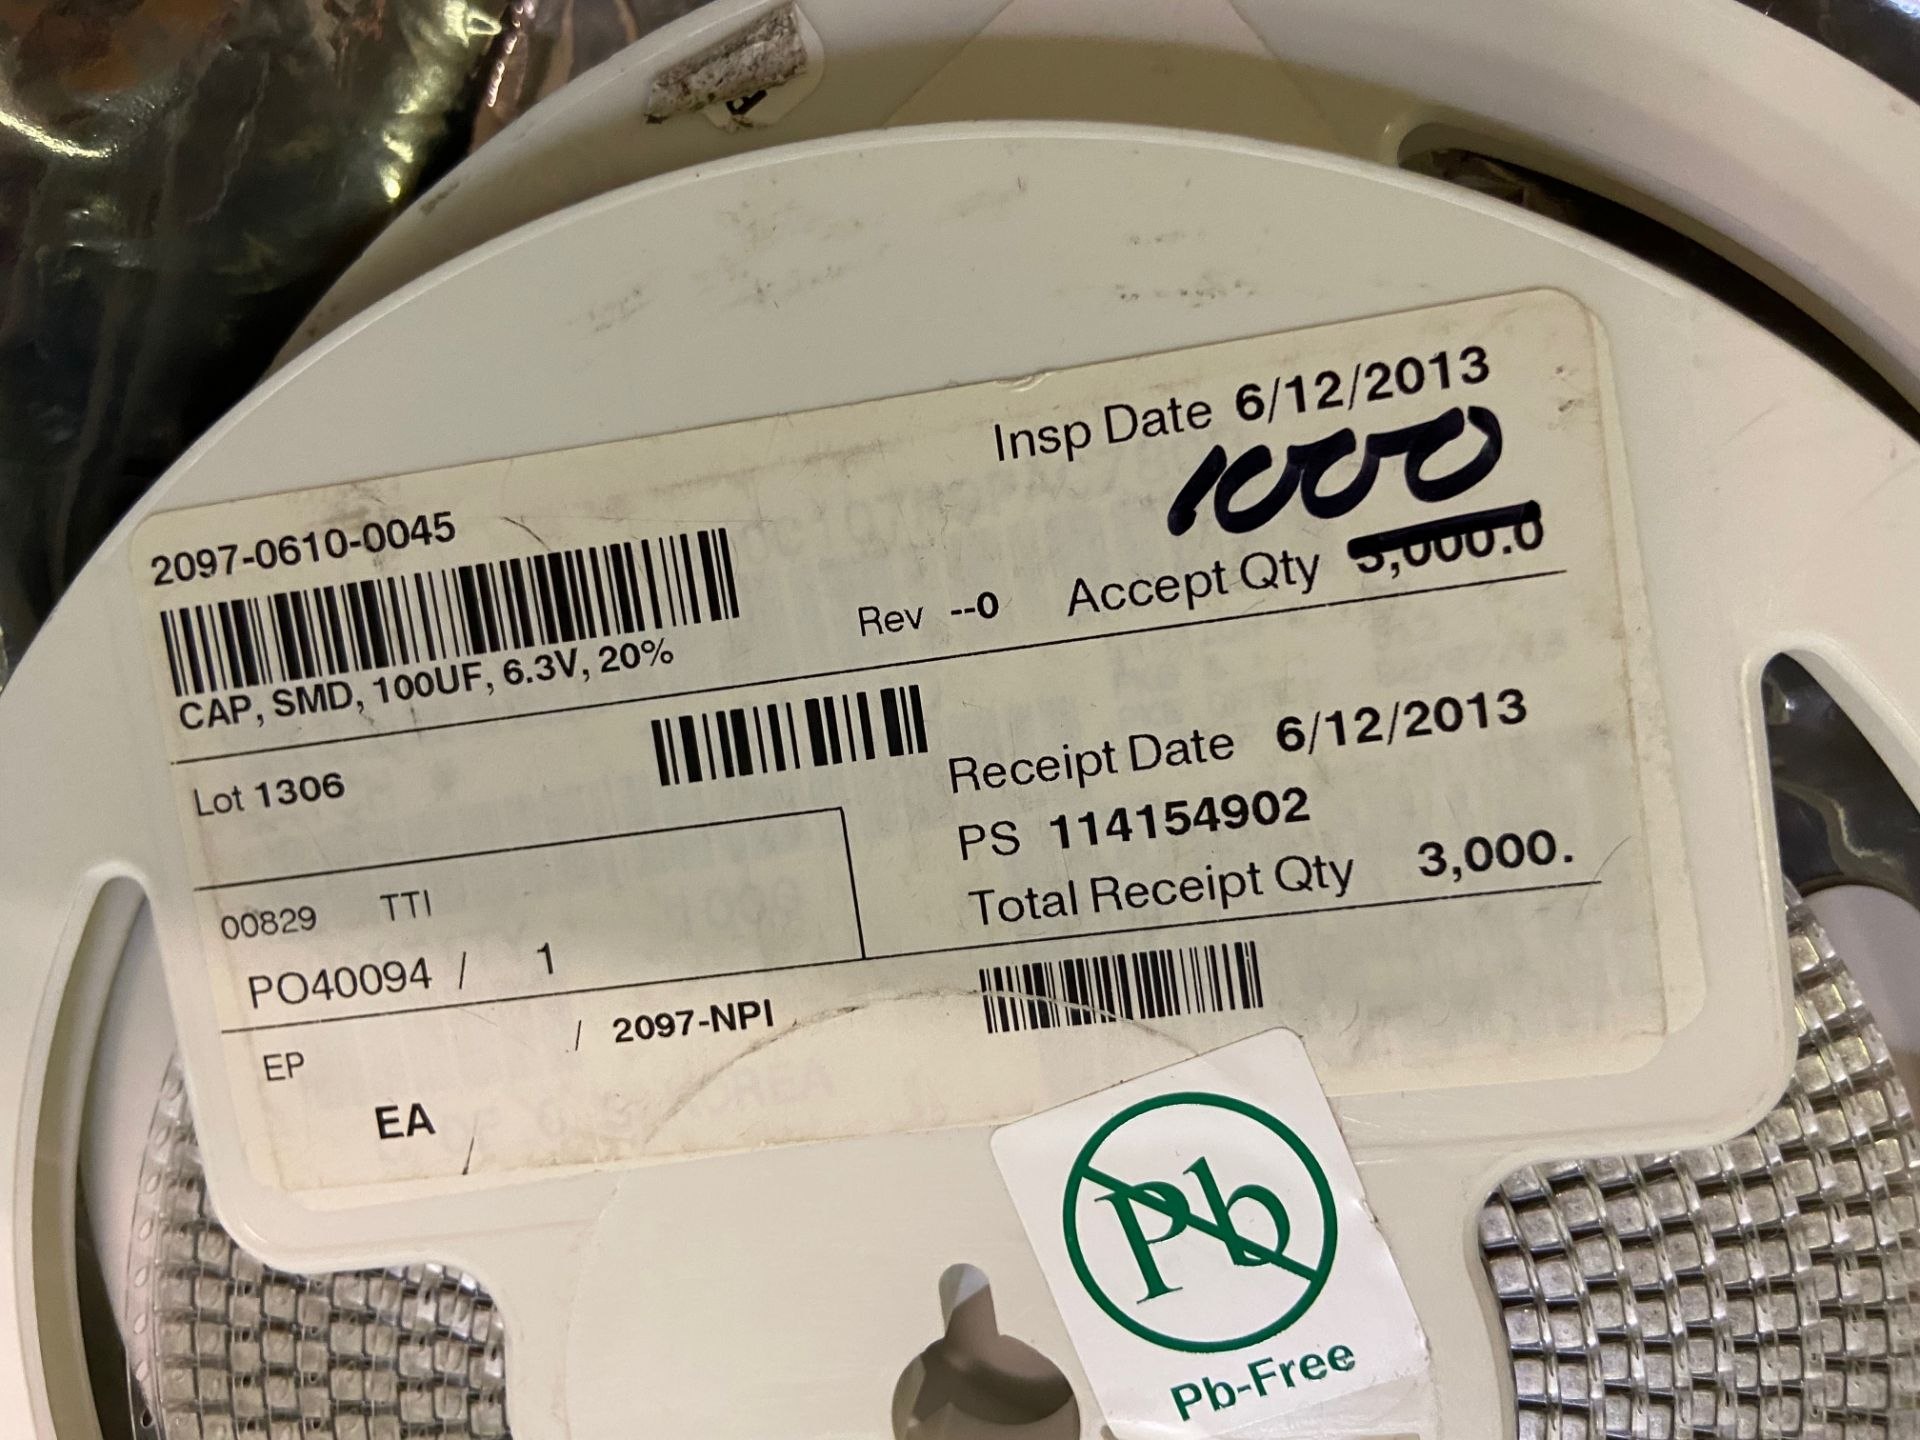 KEMET Corporation C1210C107M9PACTU Capacitor Ceramic Multilayer, Cap Ceramic 100uF 6.3V X5R 20% - Image 4 of 7